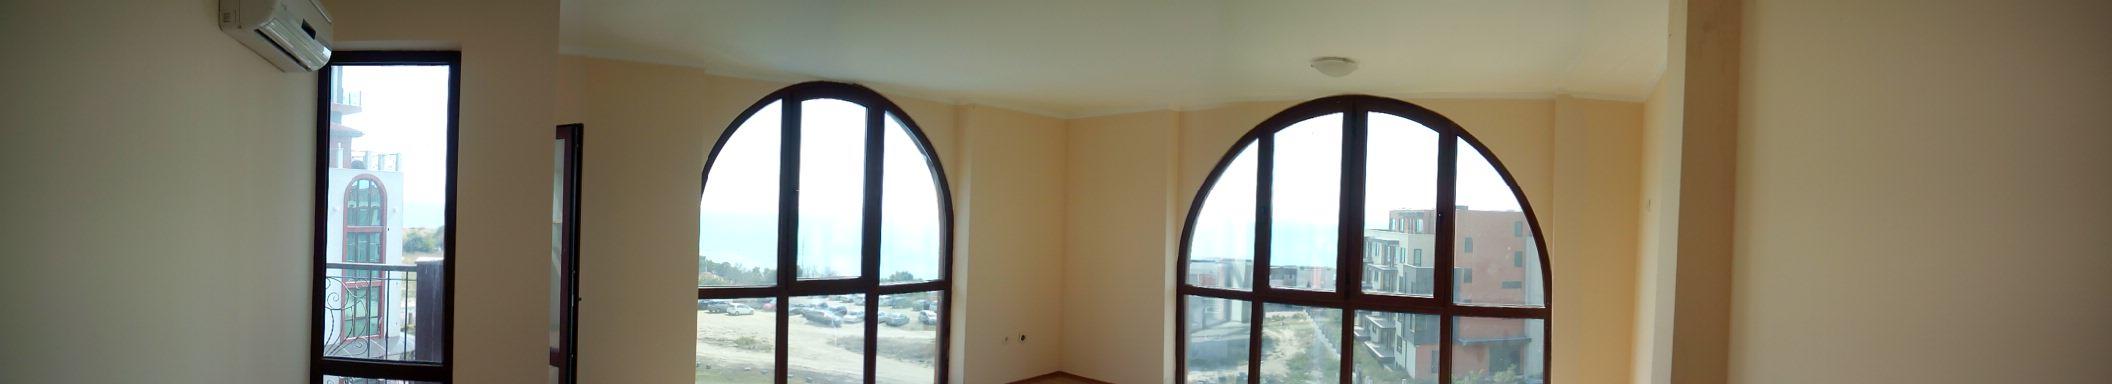 Attico in vendita a nessebar 246 06 mq 5 camere 2 - Agenzie immobiliari bucarest ...